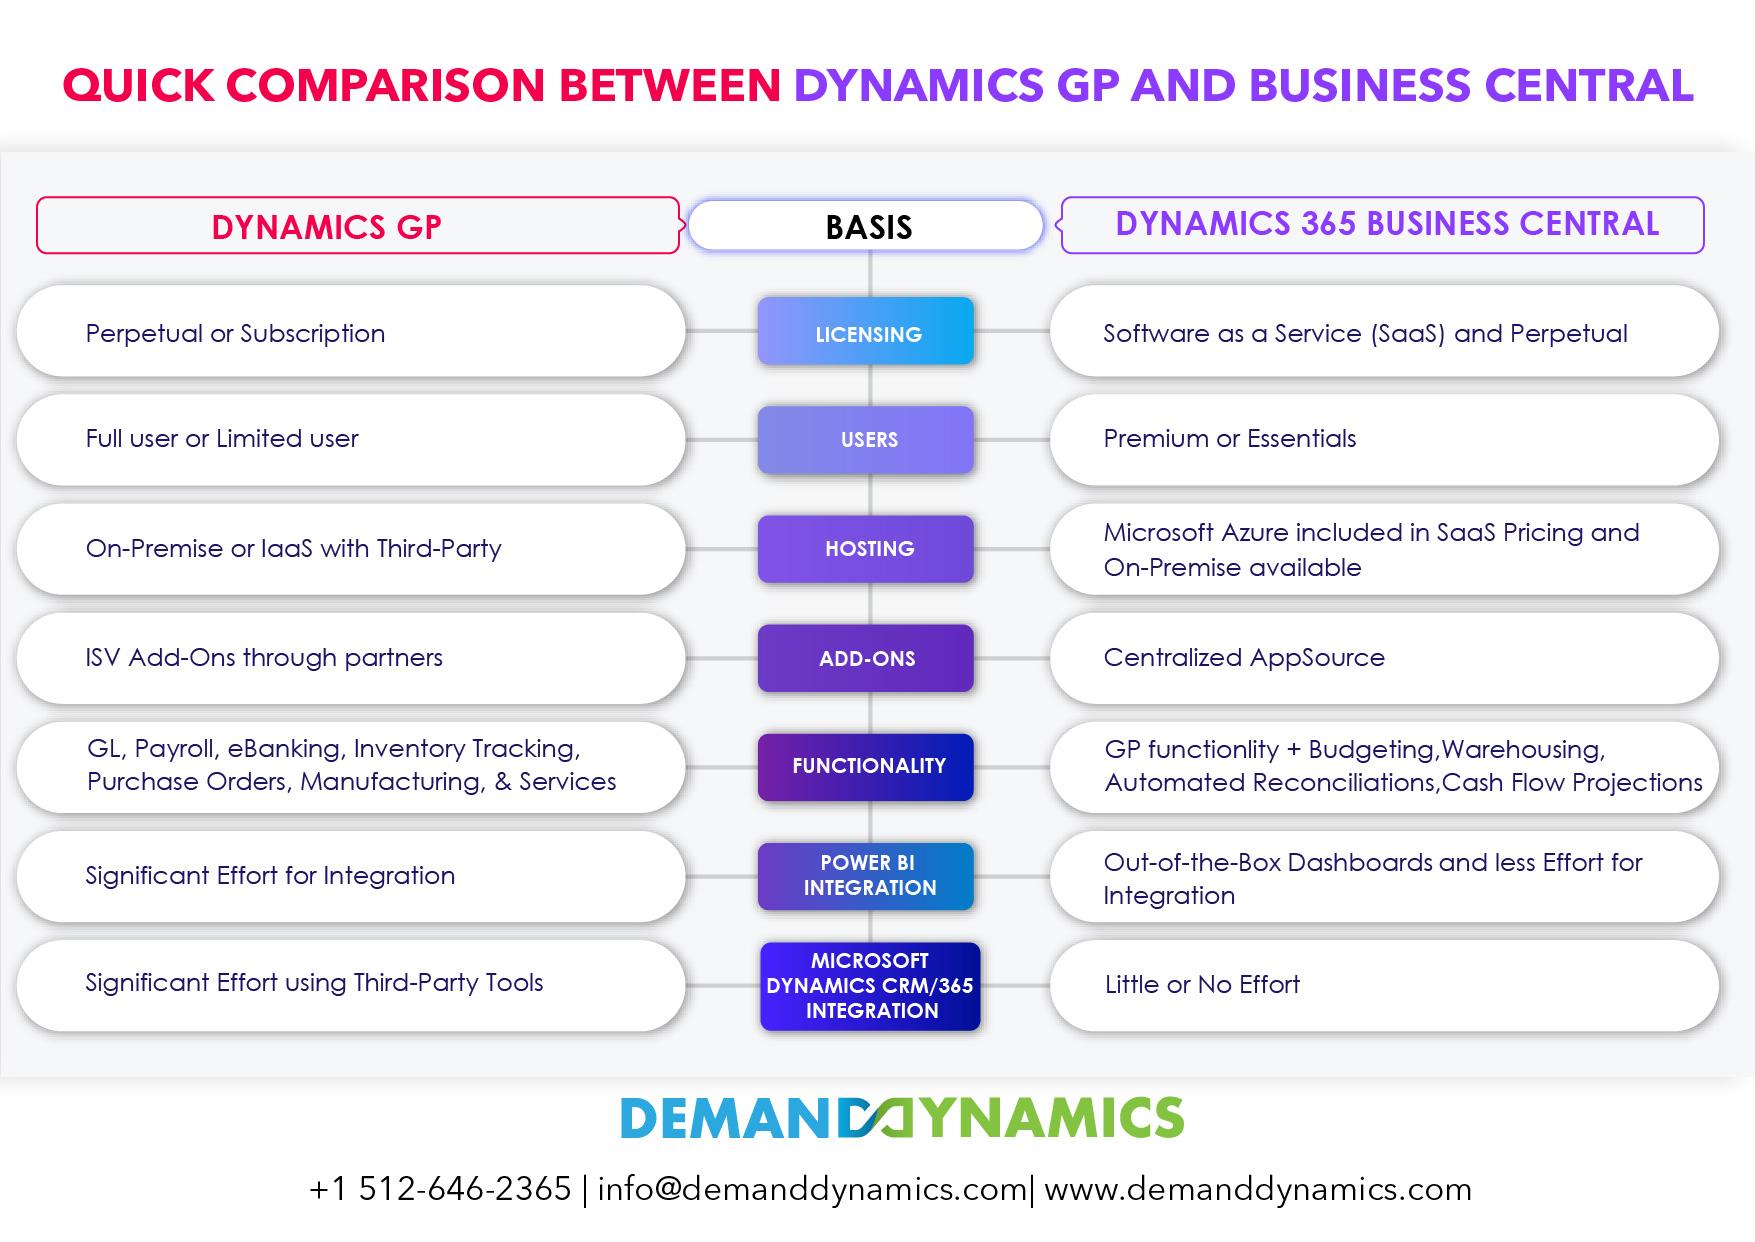 Dynamics GP vs Business Central Comparison infographic